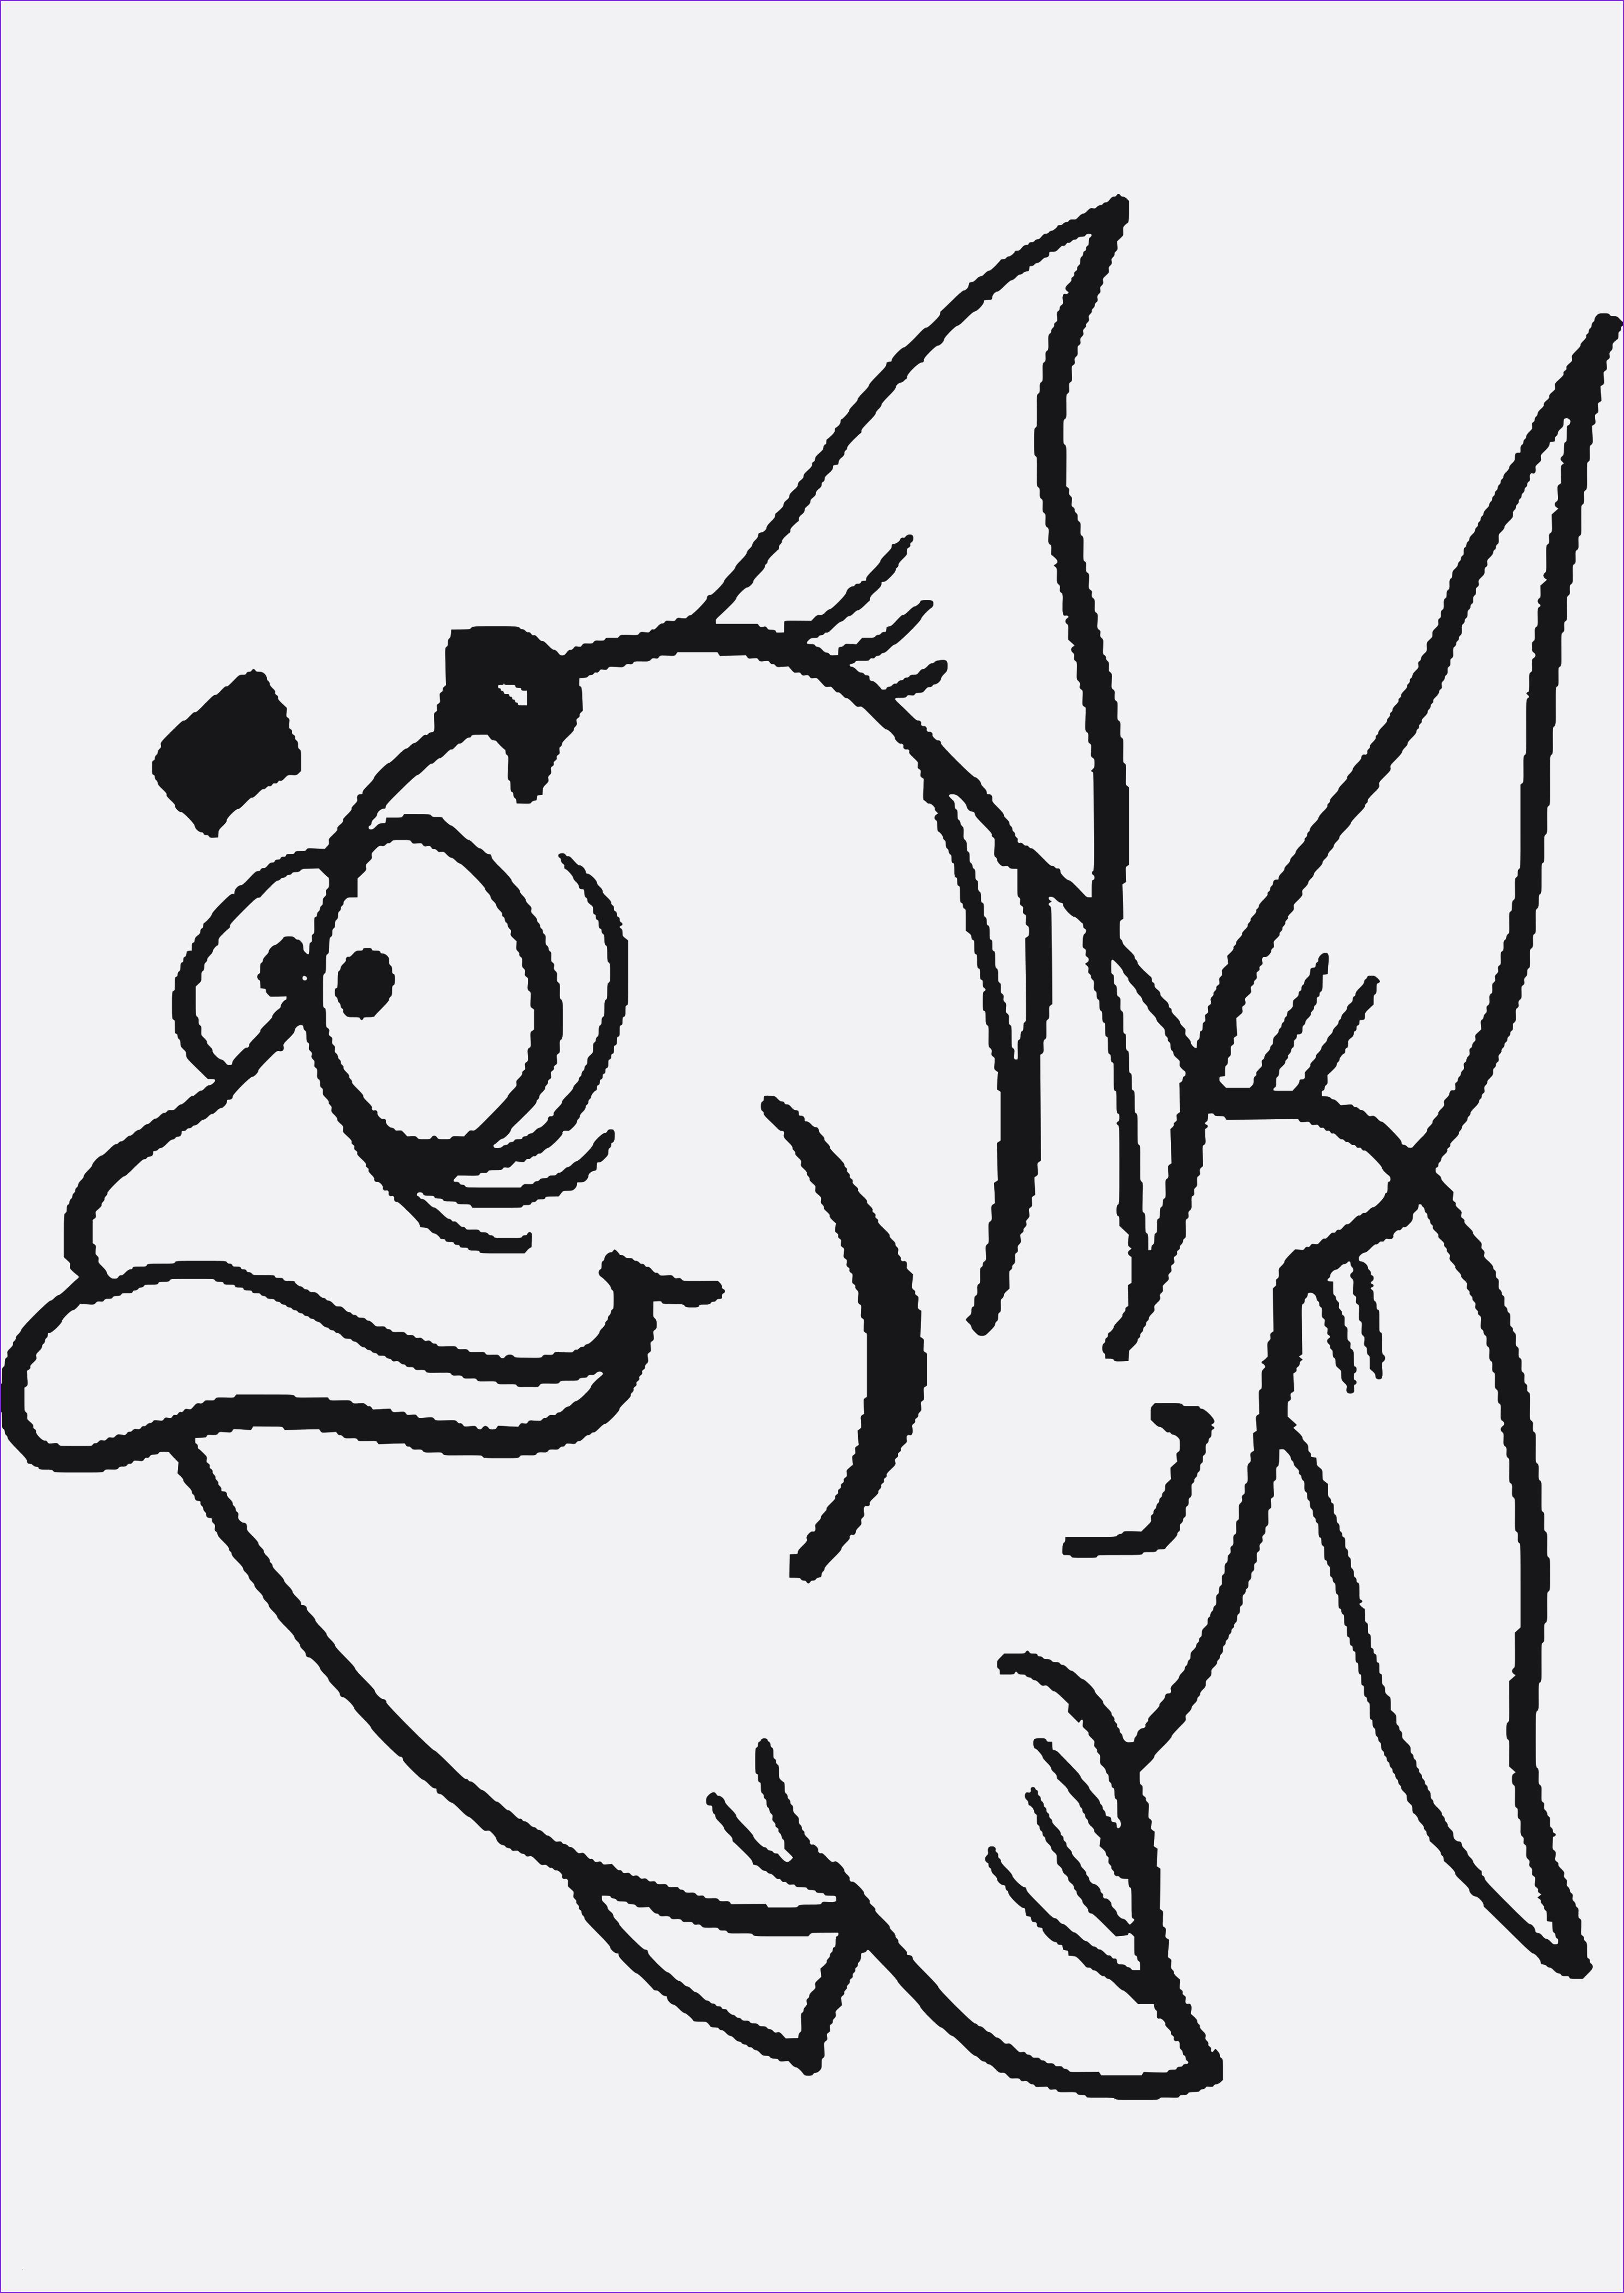 Fisch Zum Ausdrucken Frisch Unterwassertiere Ausmalbilder Schön 53 Ausmalbilder Tiere Fische Neu Fotografieren